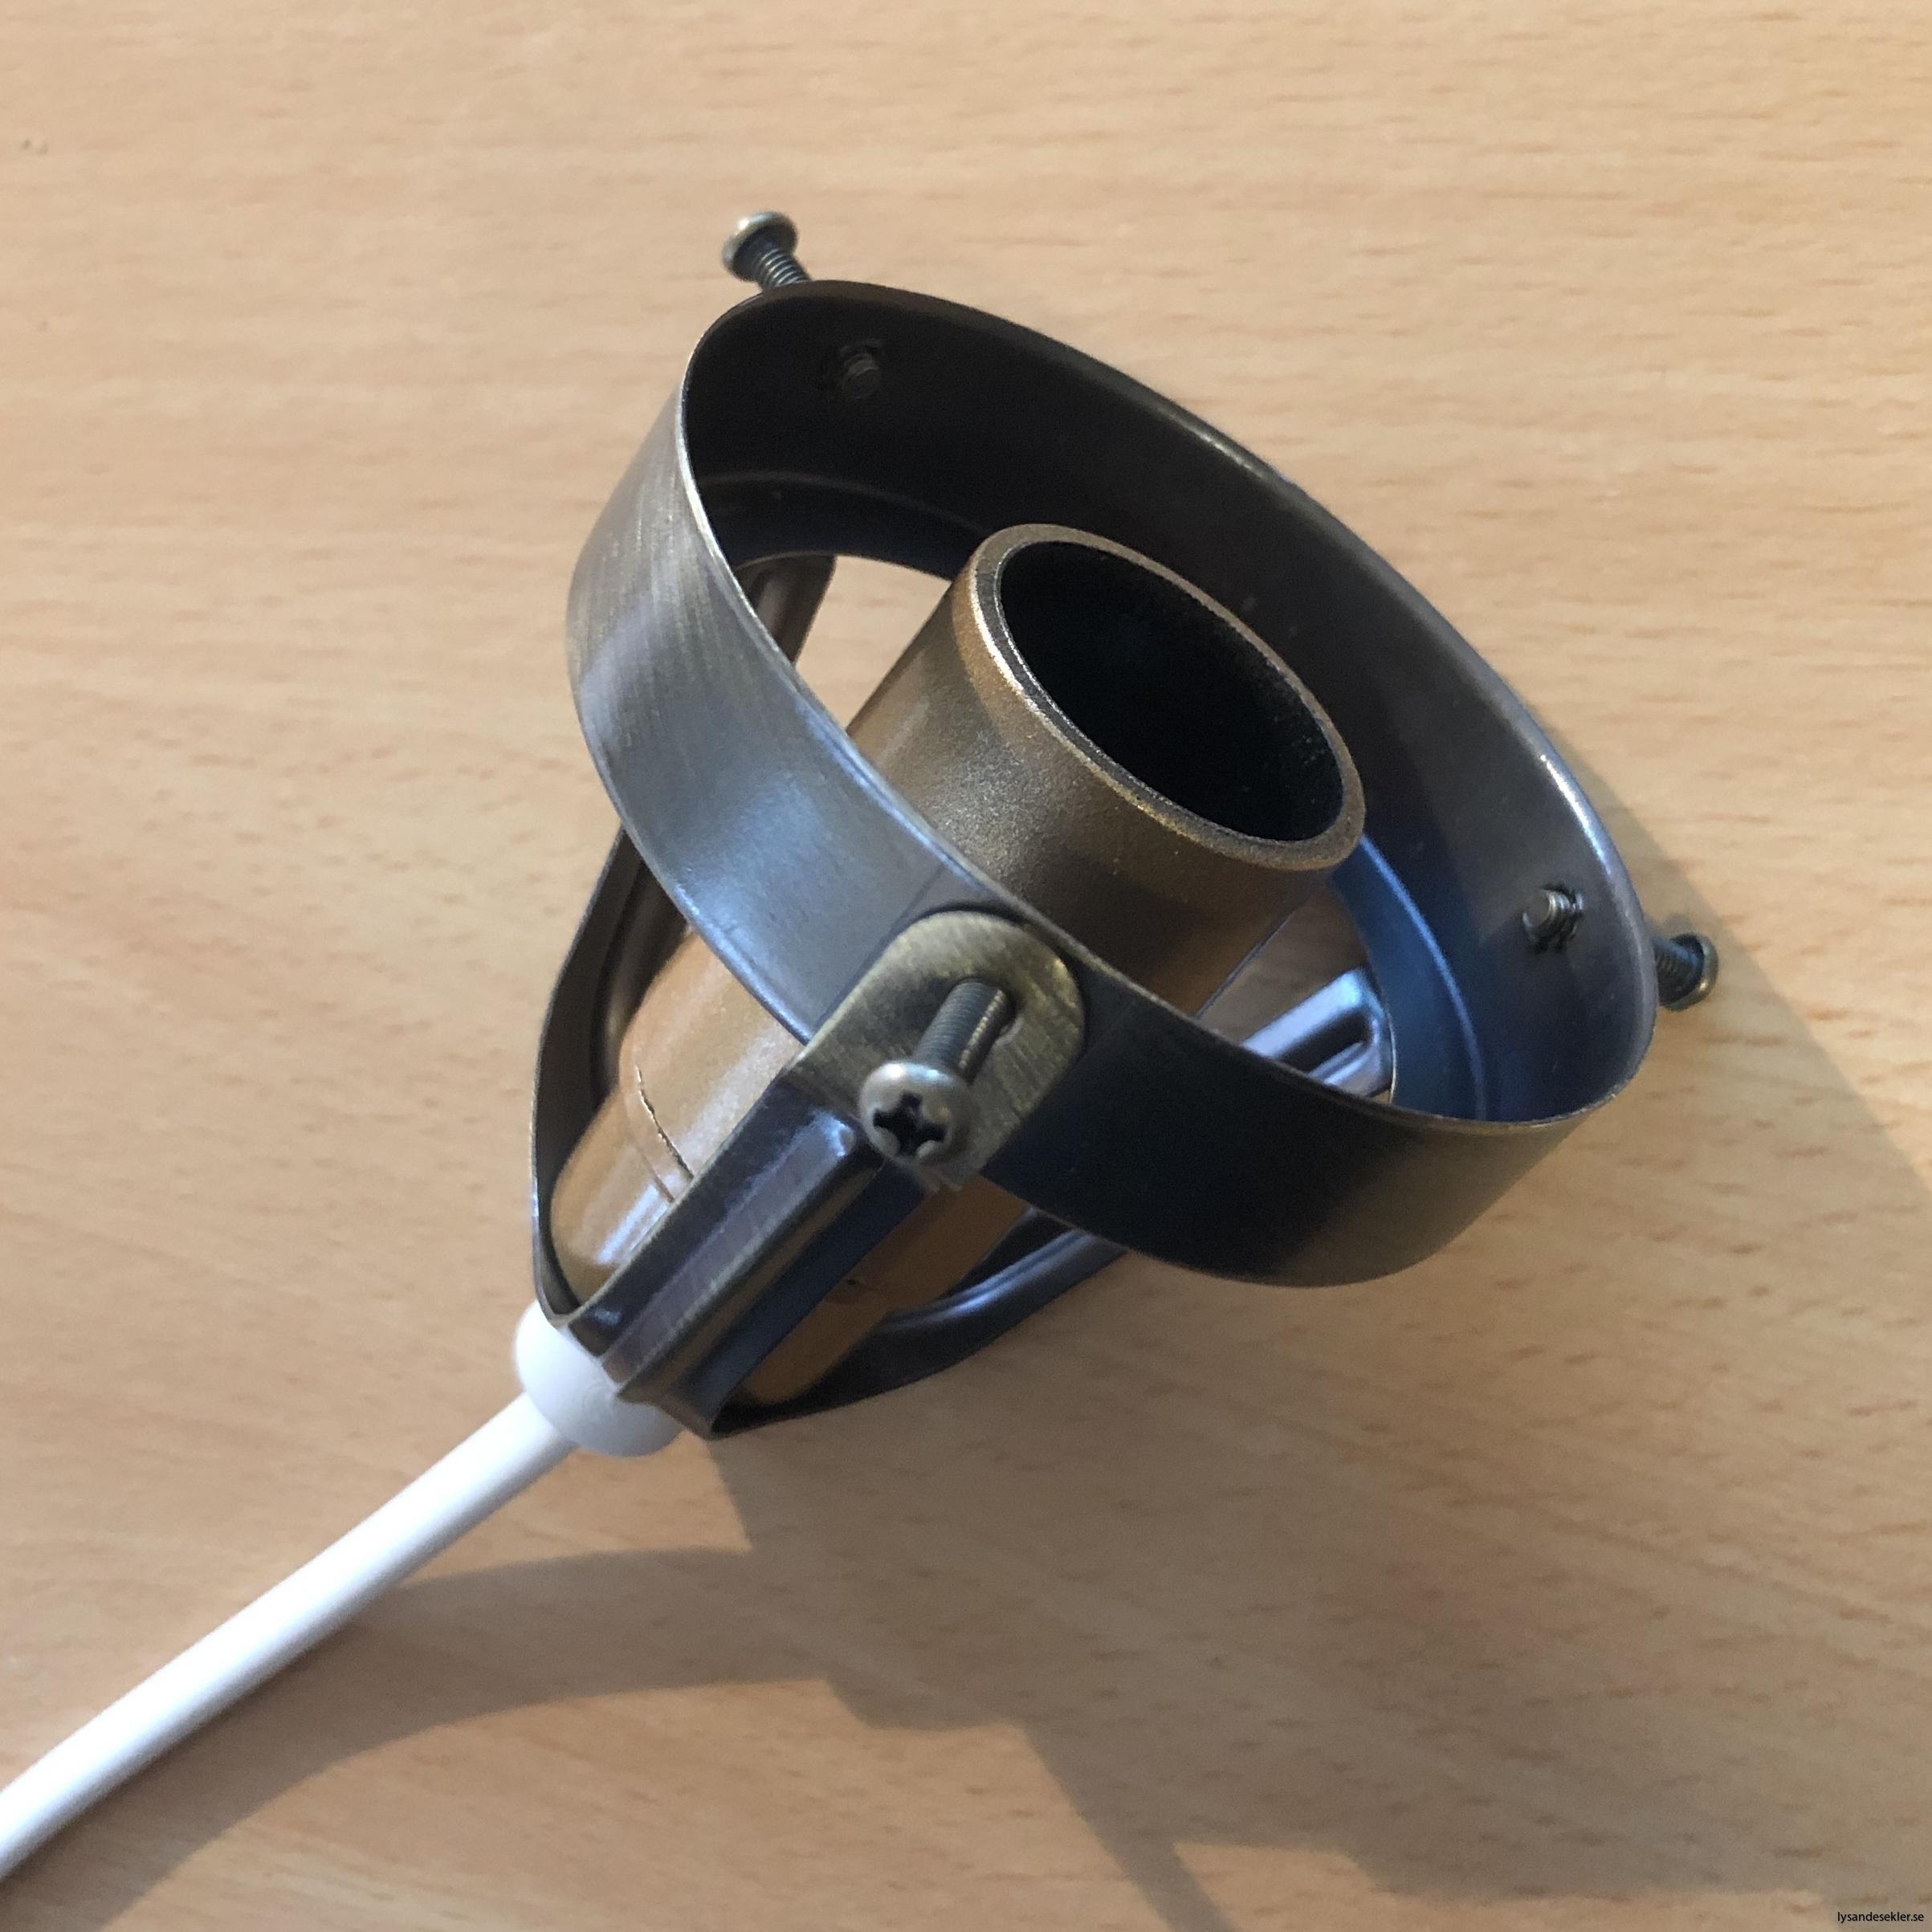 sladdupphäng för flänsskärm 55-60 mm med klofattning3